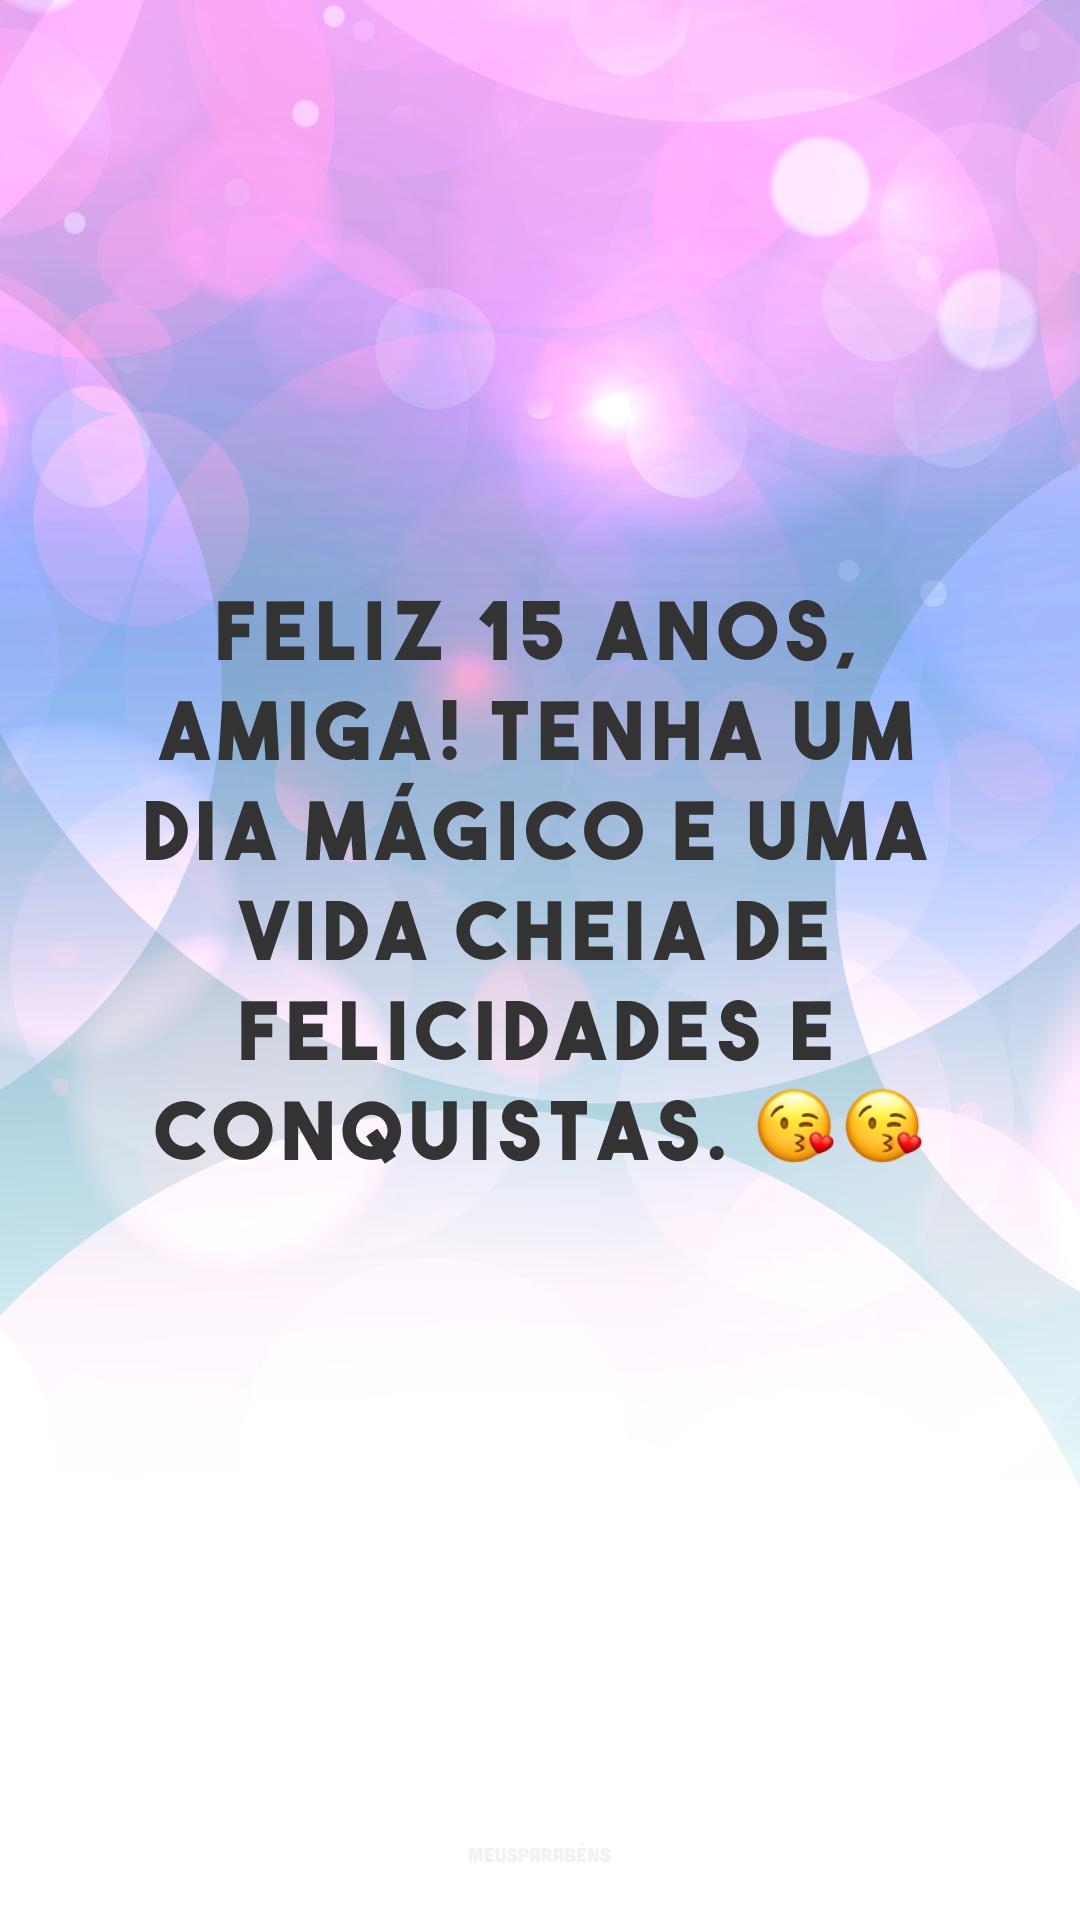 Feliz 15 anos, amiga! Tenha um dia mágico e uma vida cheia de felicidades e conquistas. 😘😘